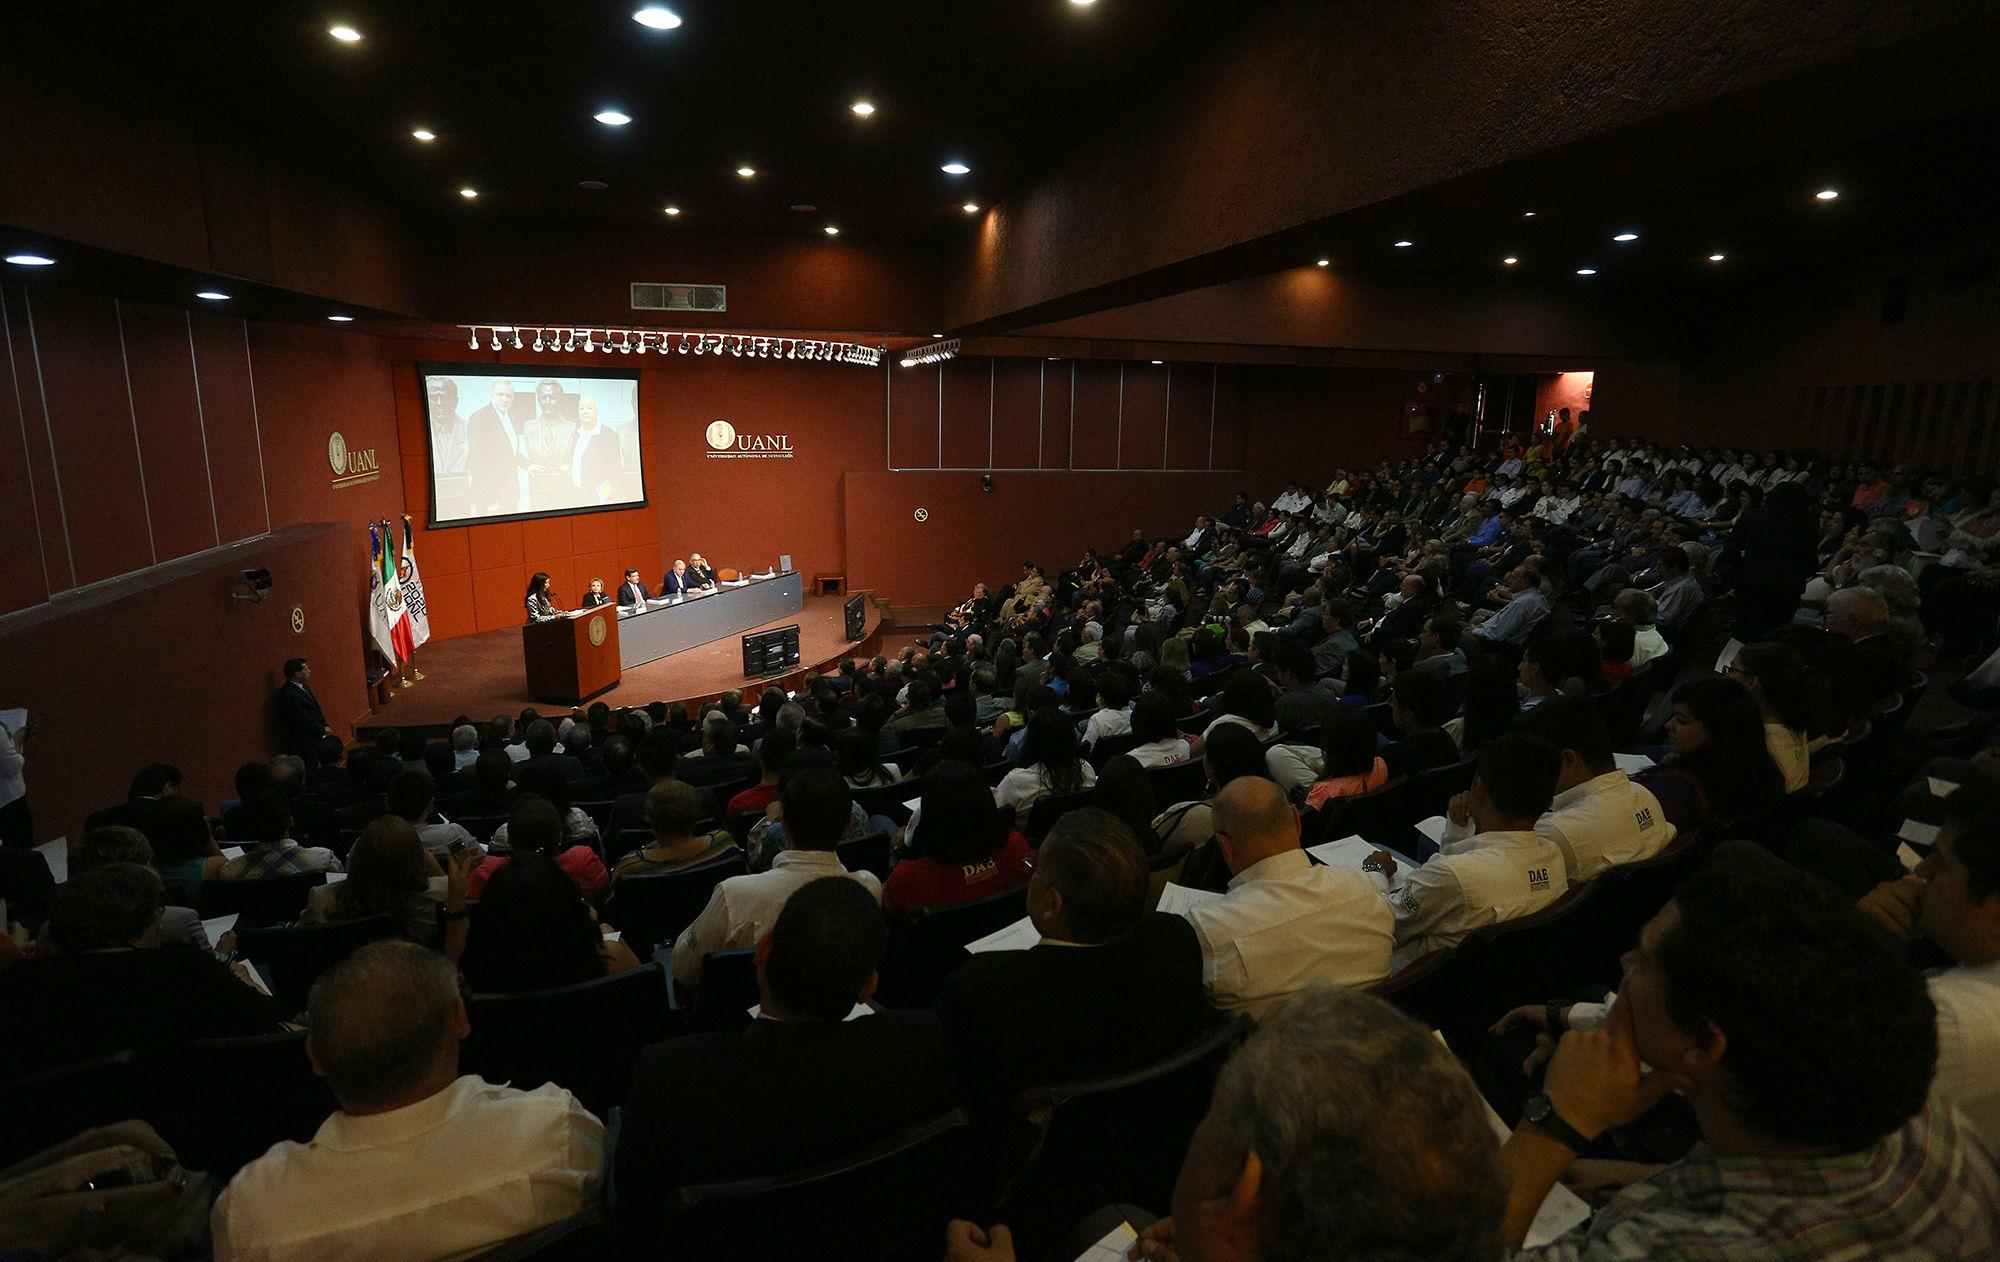 La coordinación para la realización de la obra, estuvo a cargo de Luz Natalia Berrún, Secretaria de Asuntos Universitarios